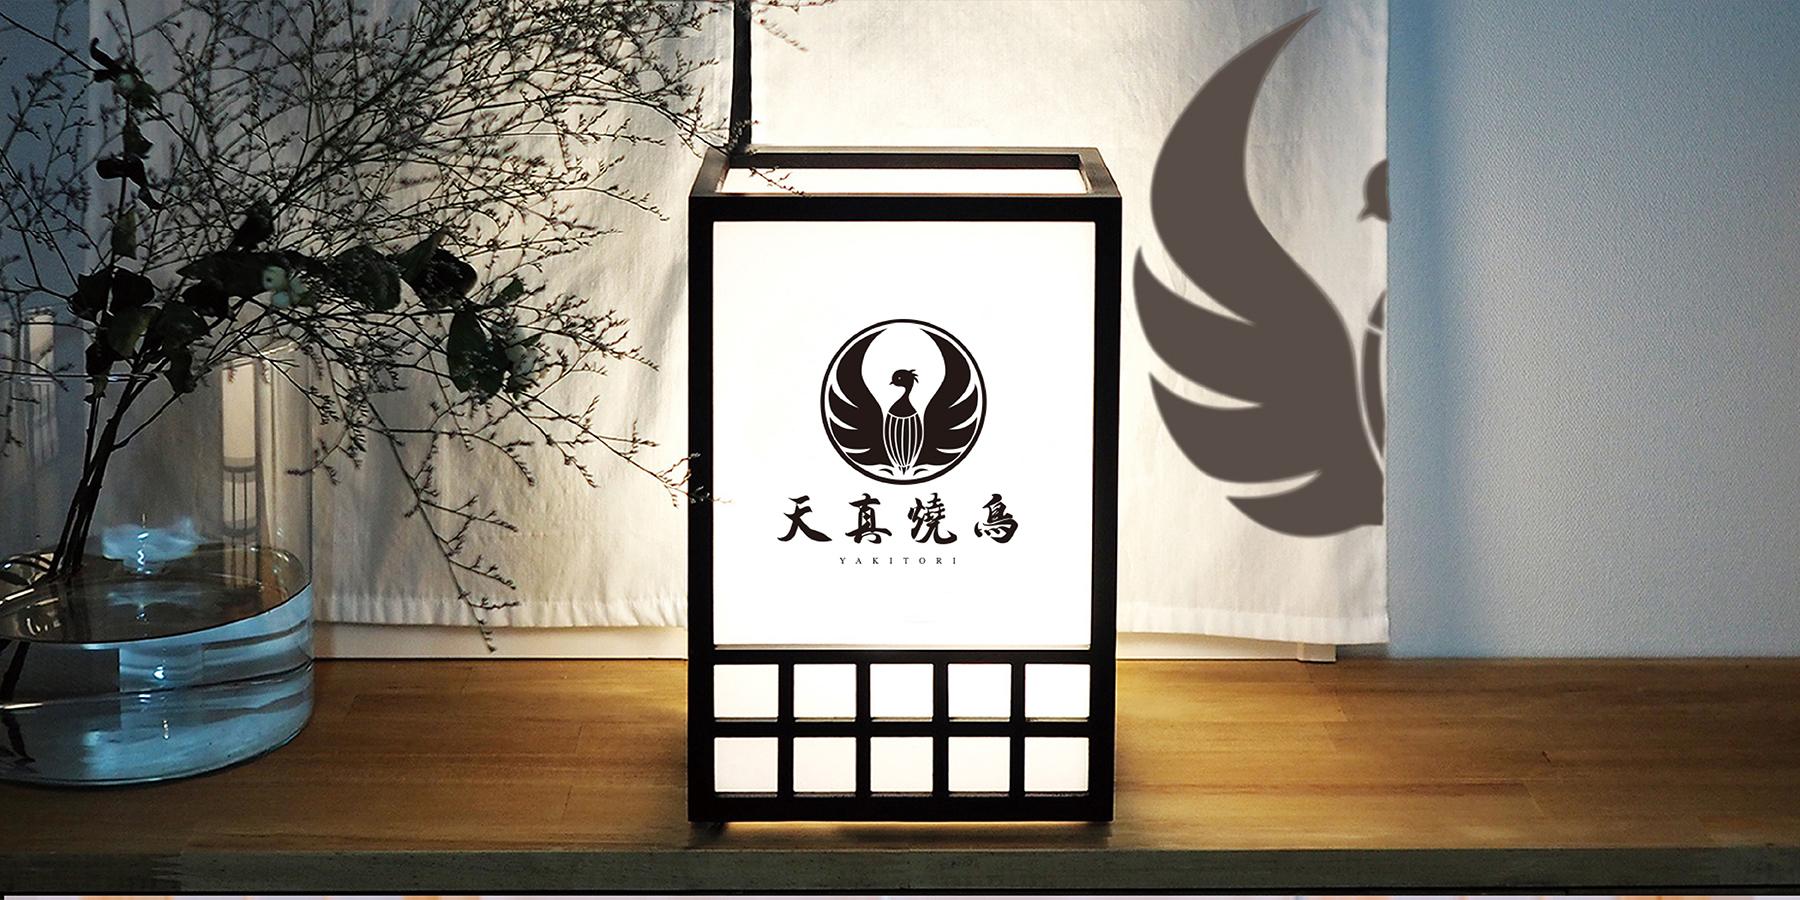 天真烧鸟-logo设计-VI设计-品牌设计